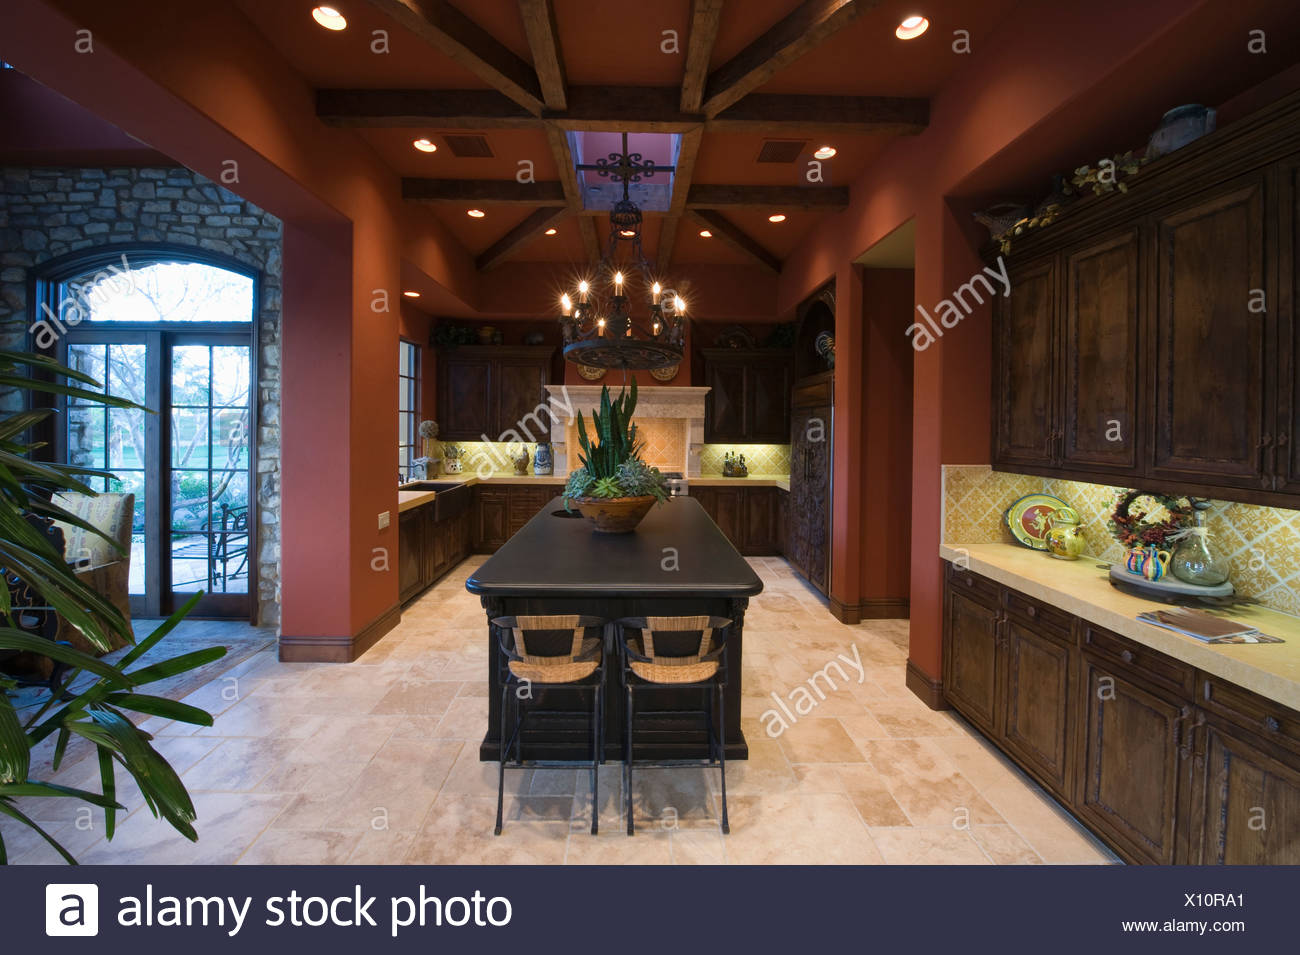 Il legno scuro e soffitti con travi a vista di palm springs cucina